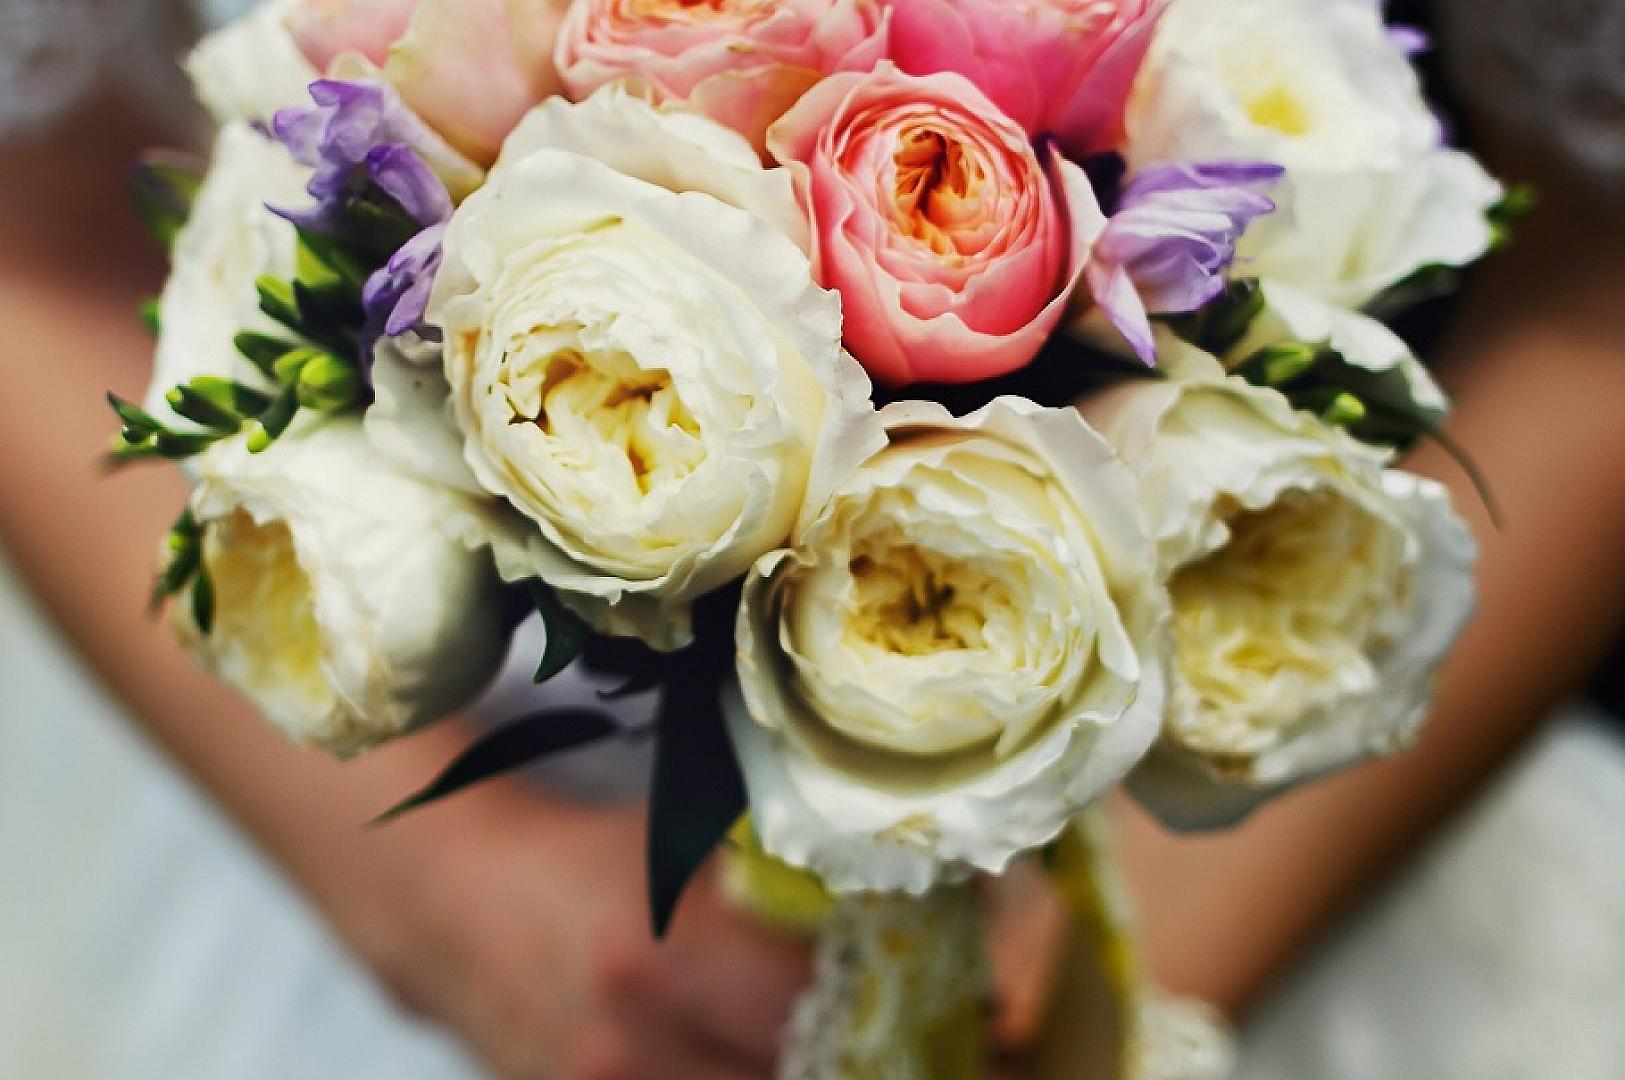 Что подарить мужу на годовщину свадьбы? - лучшие подарки